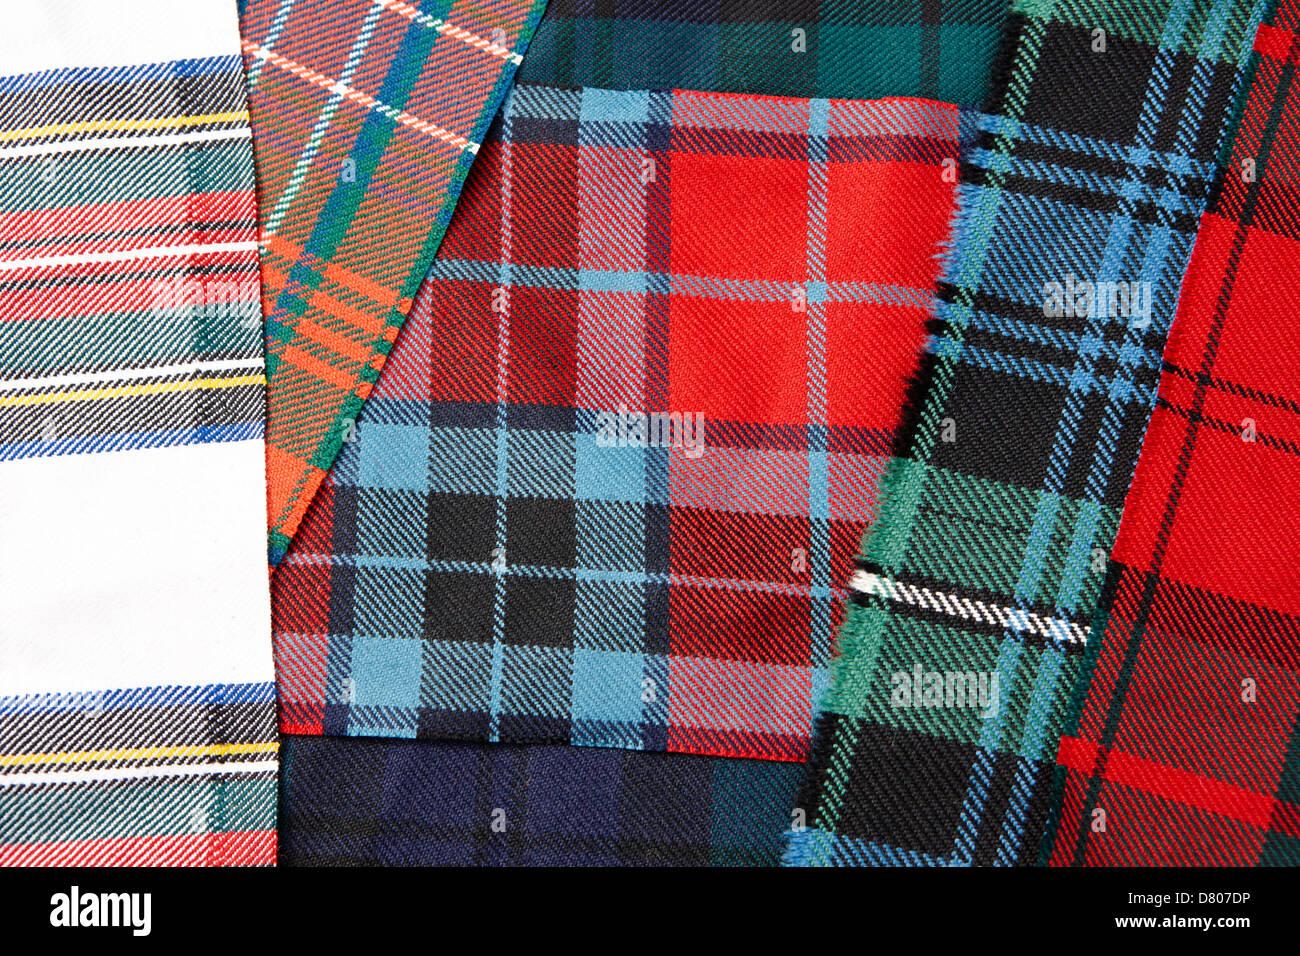 Gama de clanes escoceses tradicionales tartans Imagen De Stock